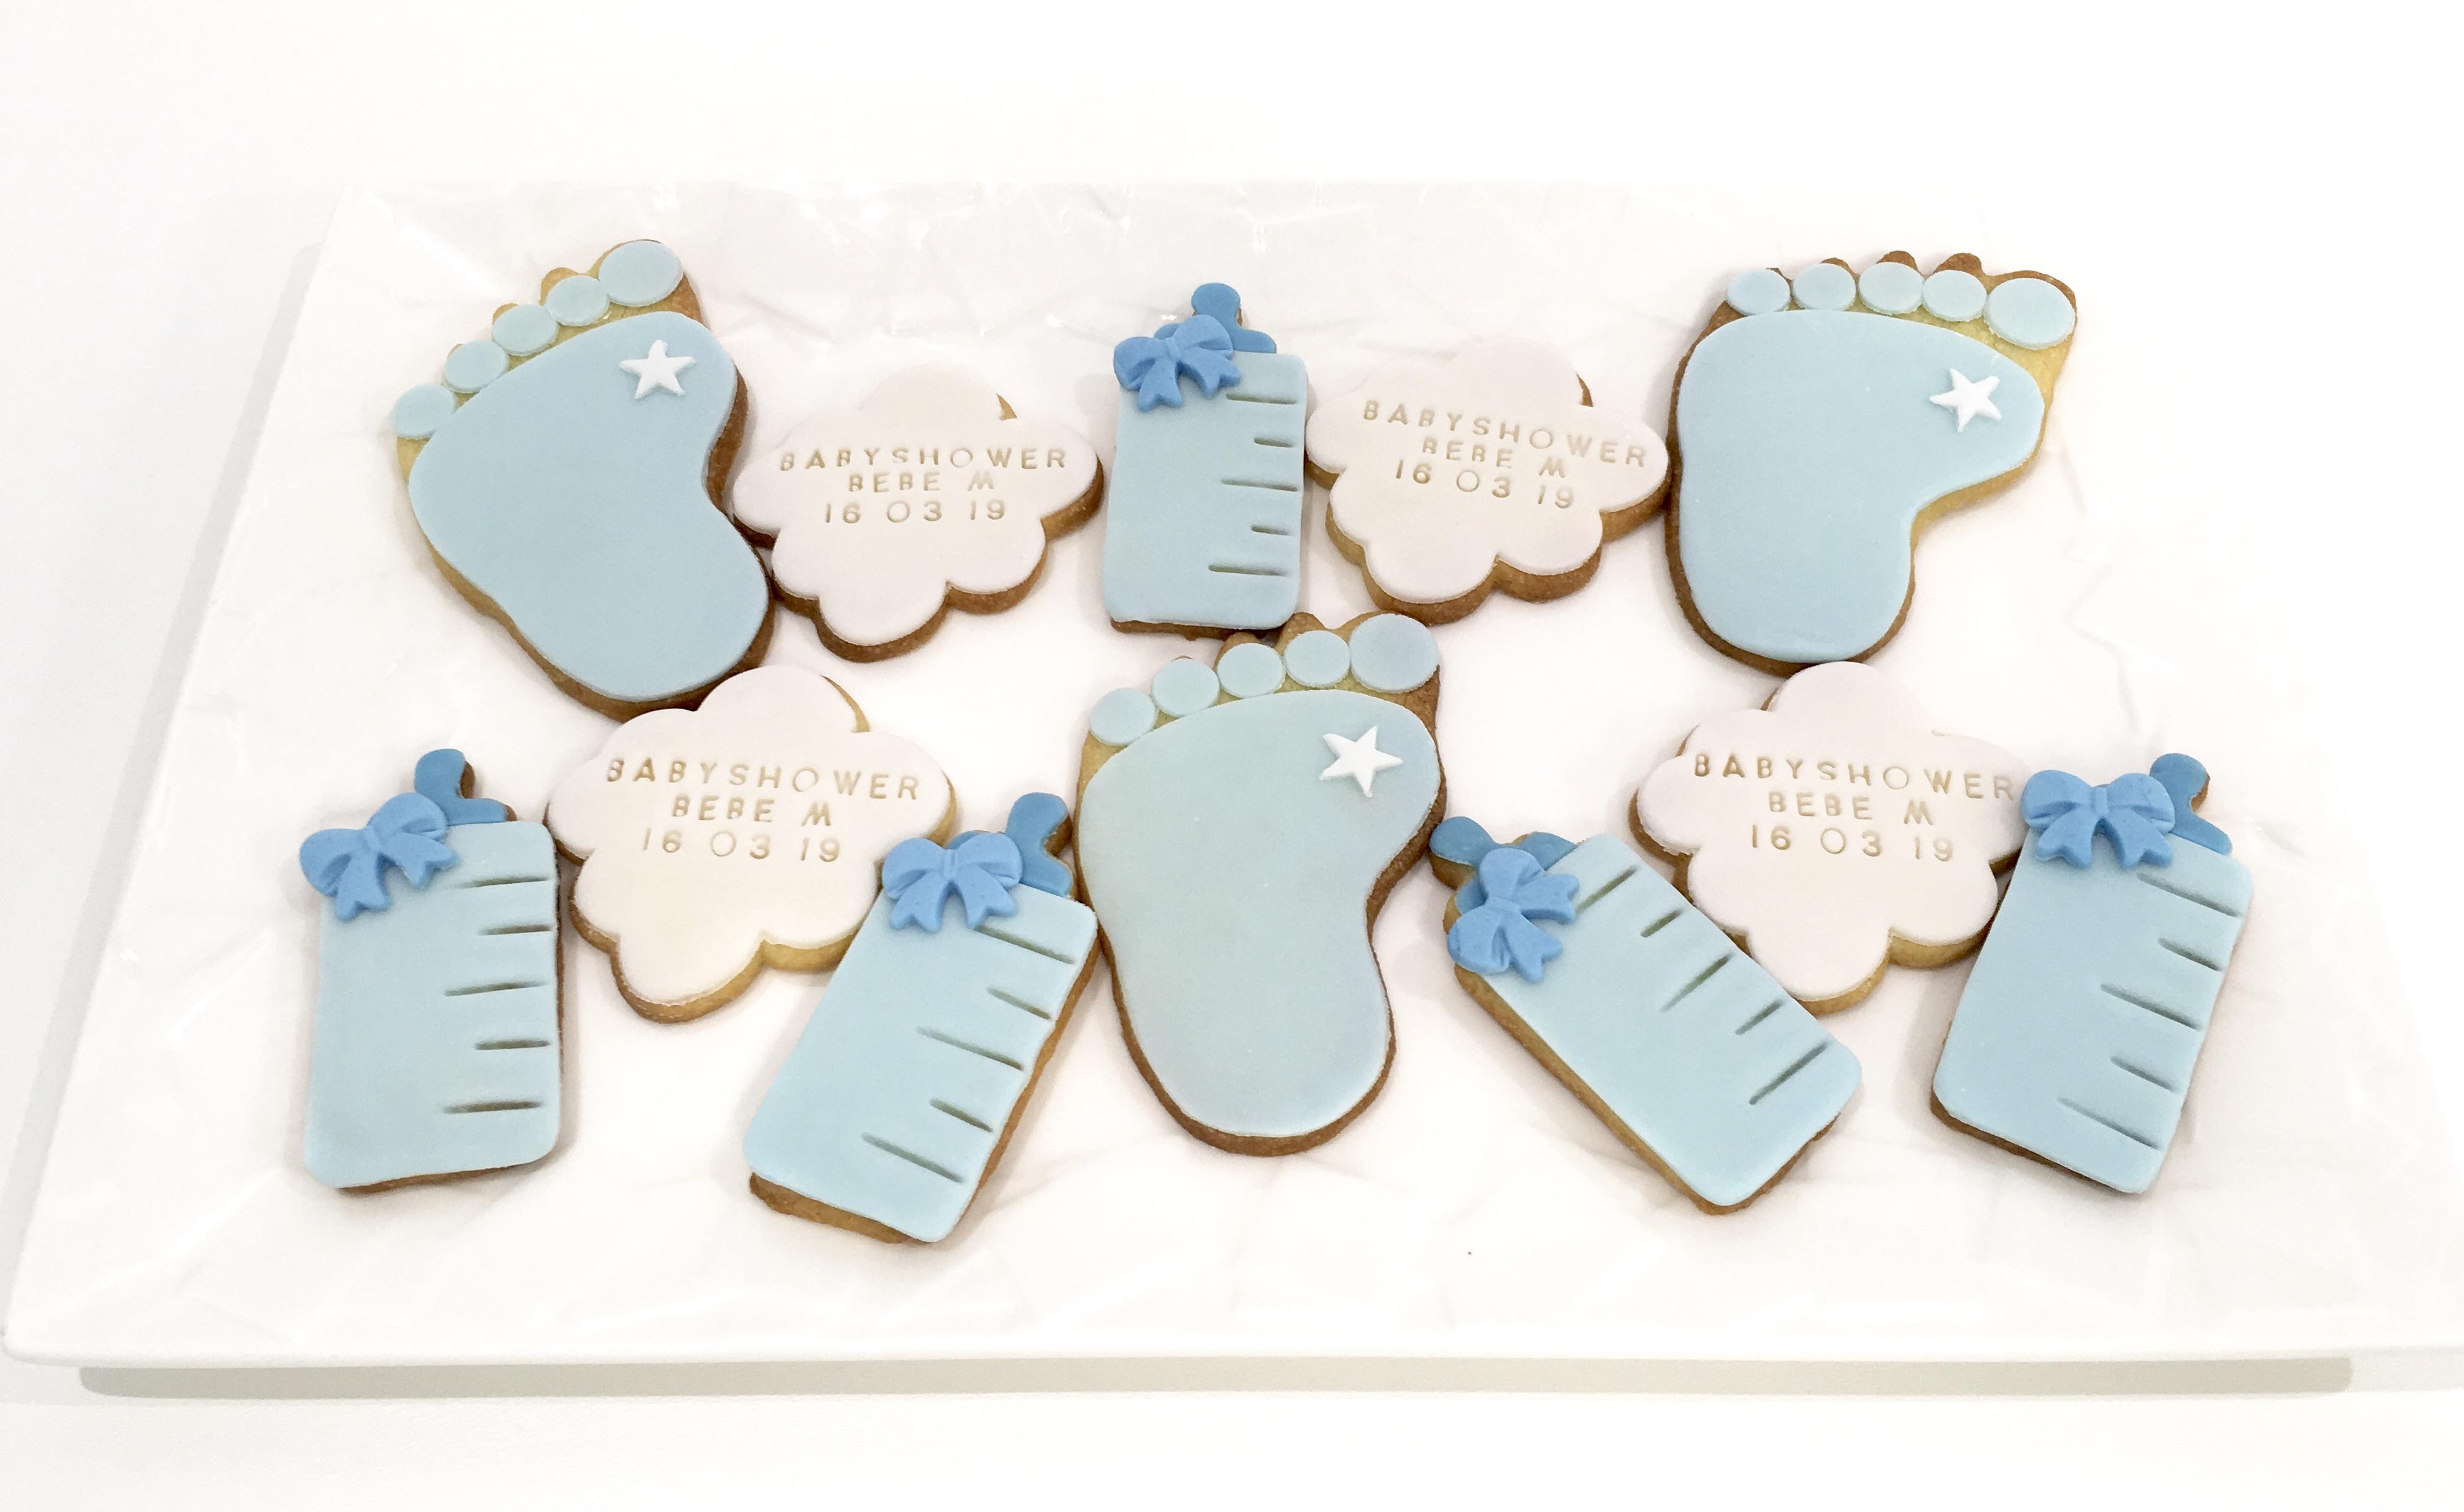 Gâteaux individuels personnalisés Babyshower - Sablés décorés Nuages biberons et empreintes